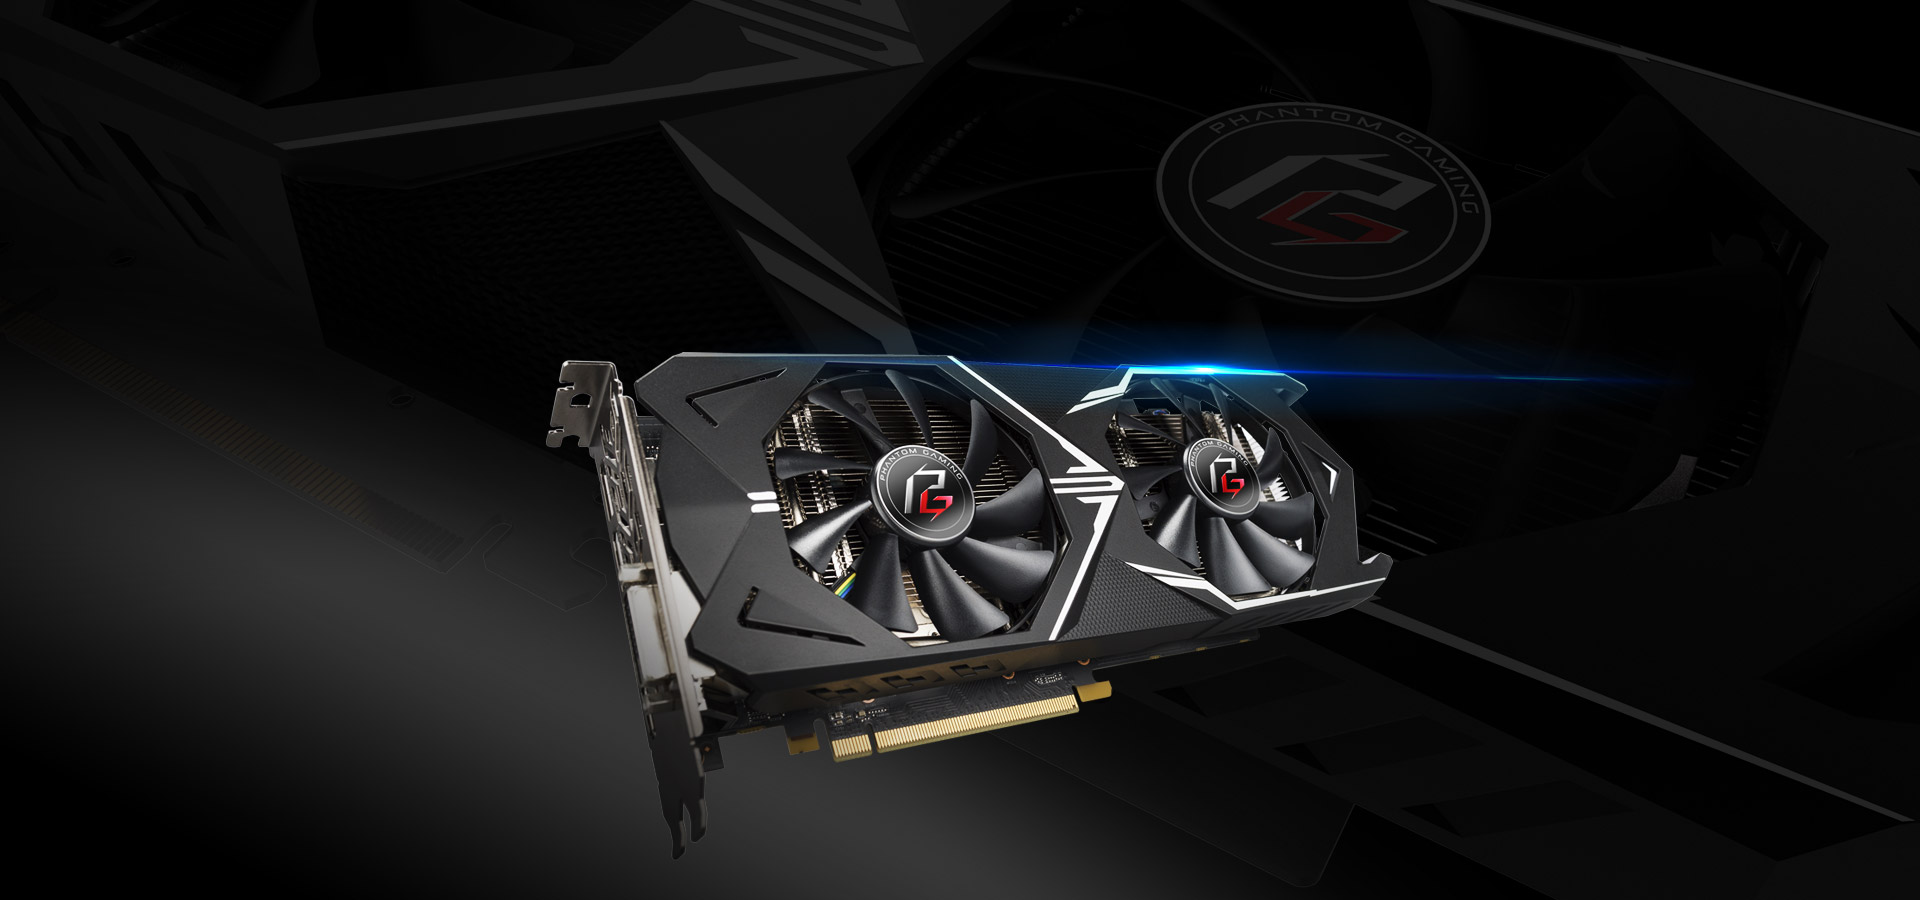 ASRock > Phantom Gaming X Radeon RX570 8G OC